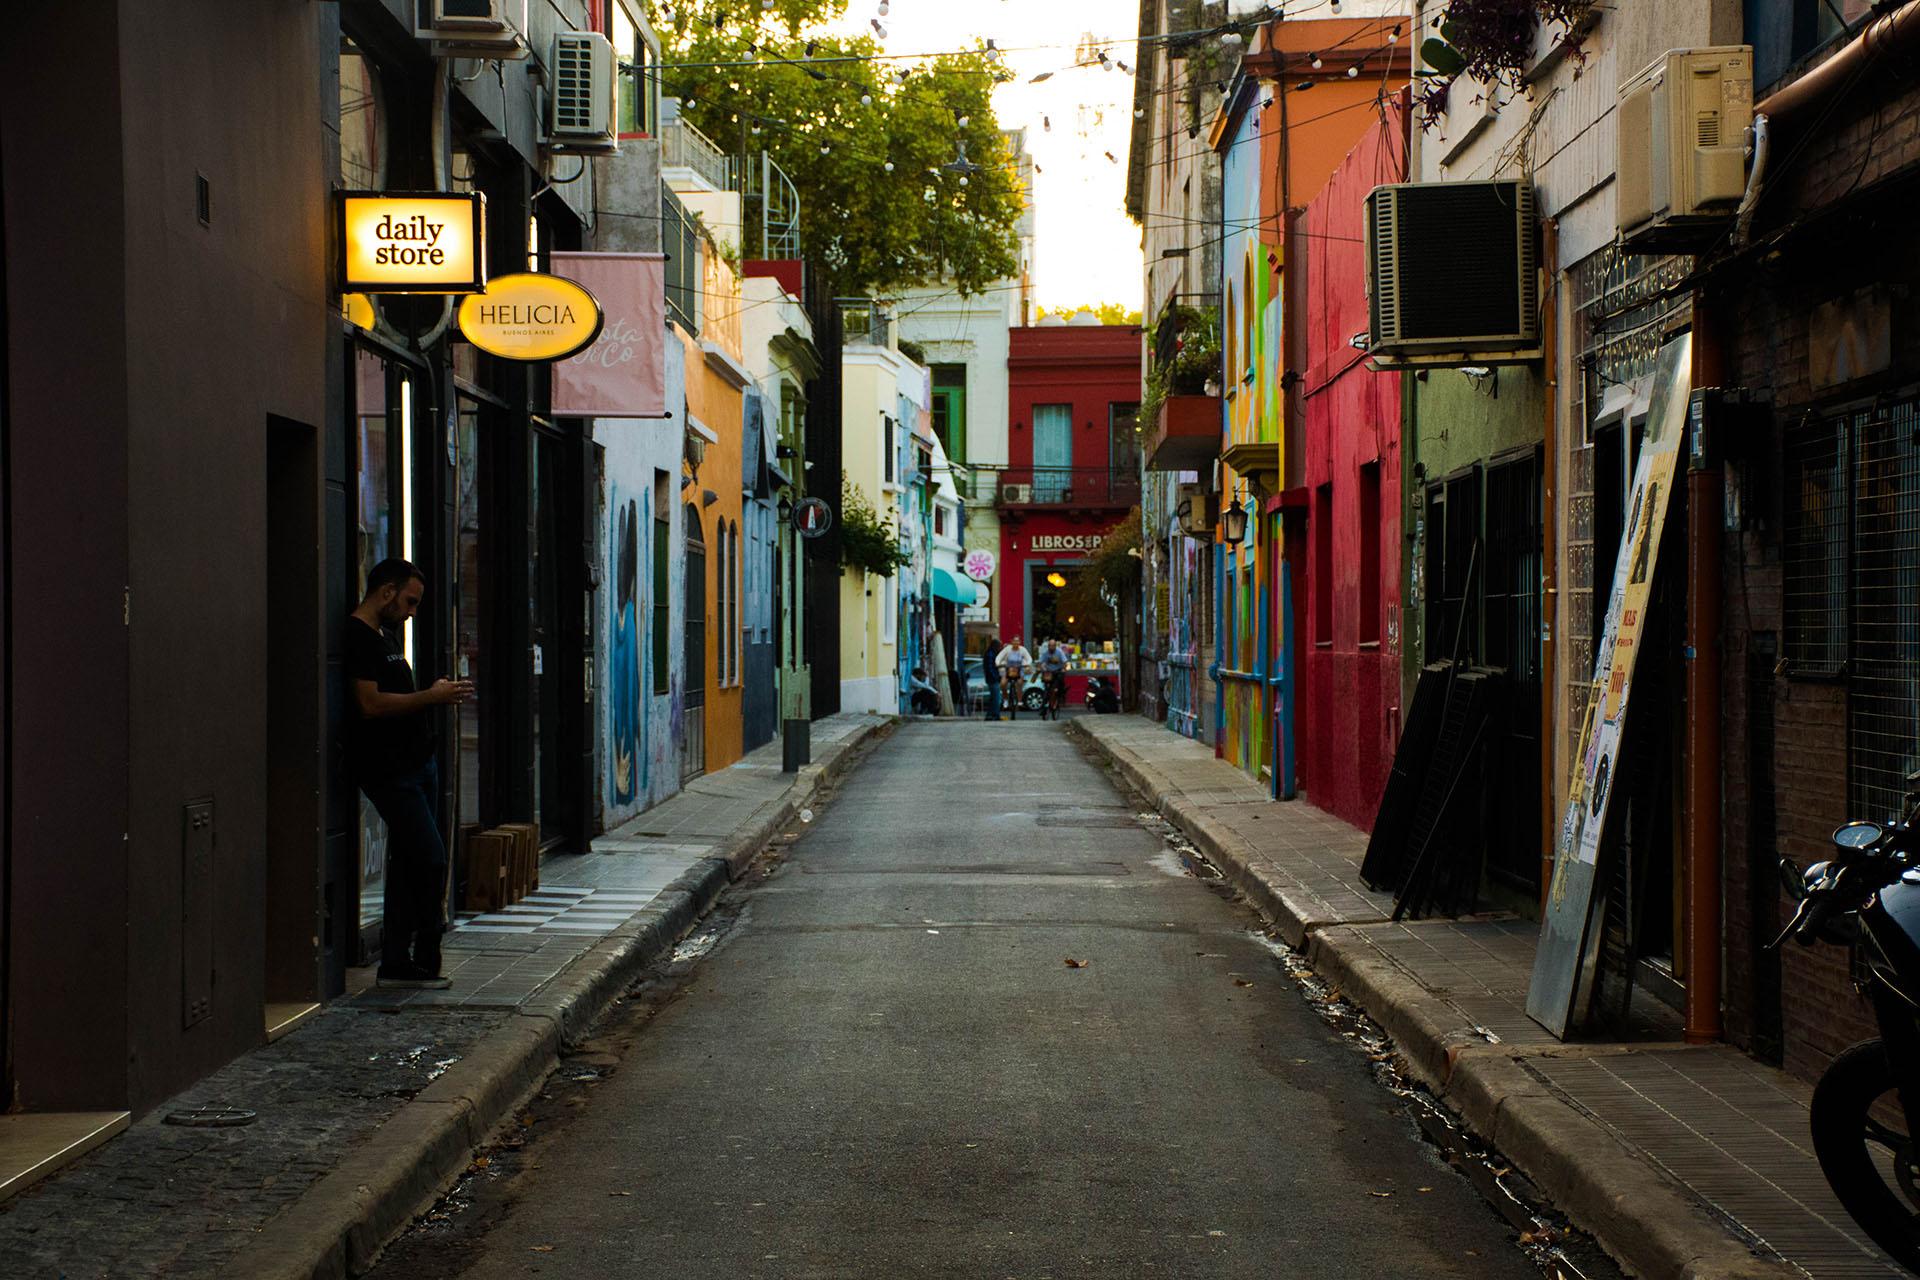 Palermo Soho, cerca de Plaza Serrano, se caracteriza por su pasajes coloridos